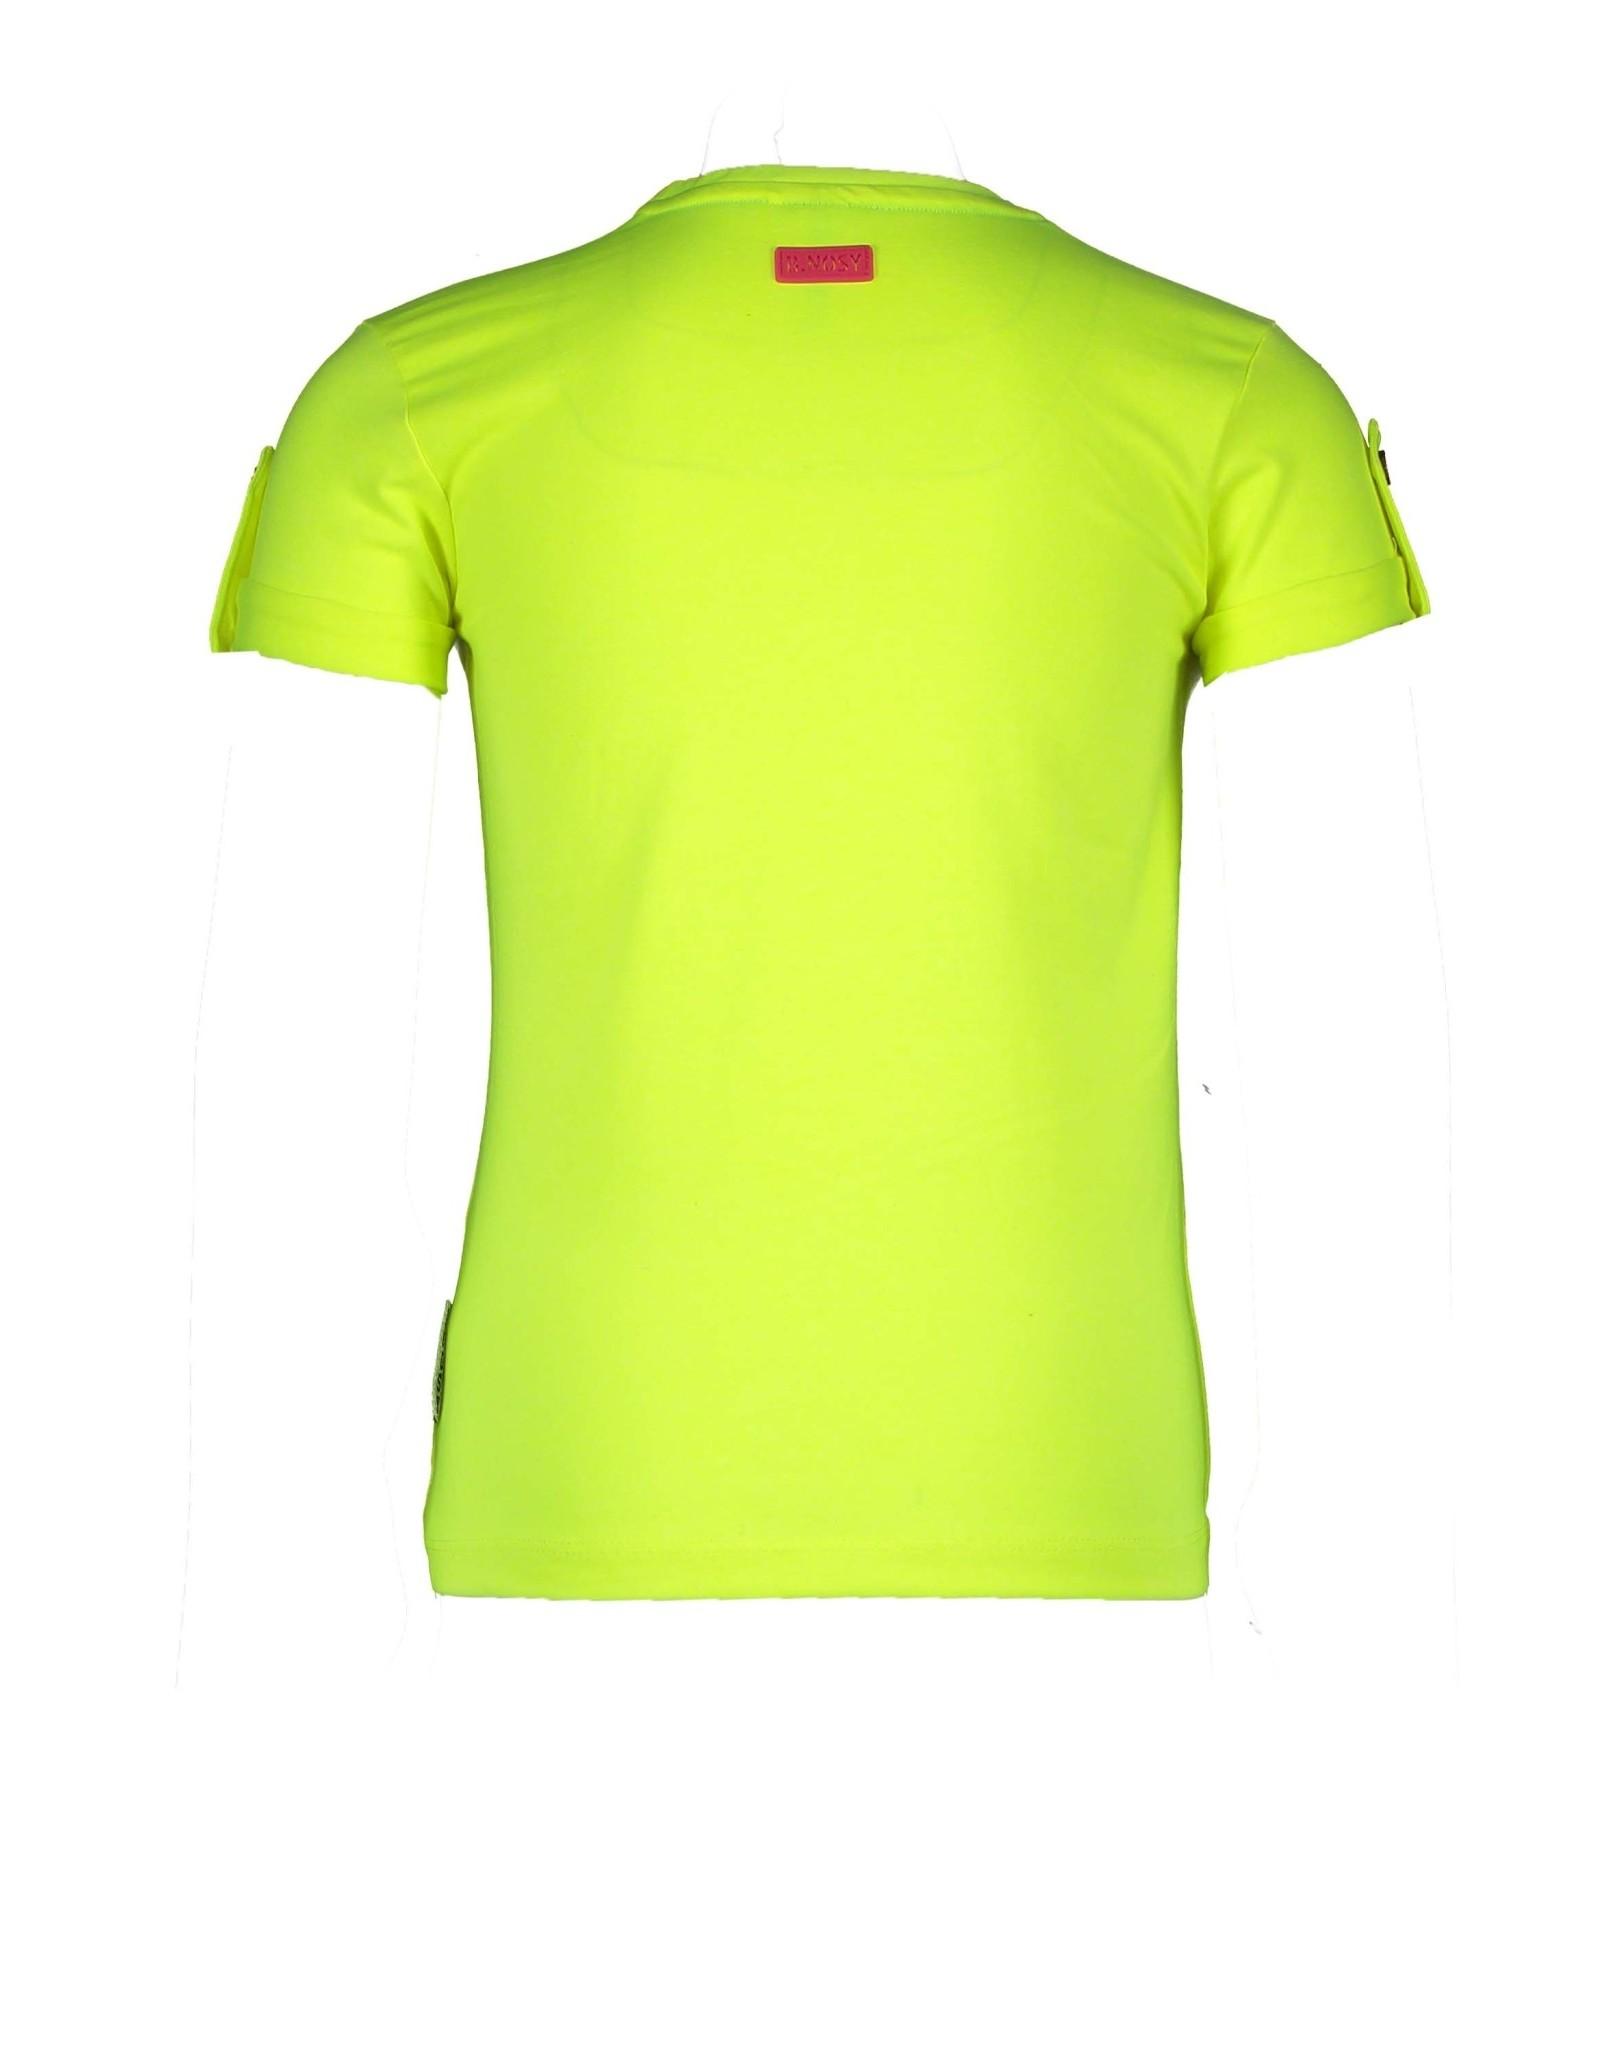 B.Nosy B.Nosy meisjes t-shirt met knoop en een B Safety Yellow